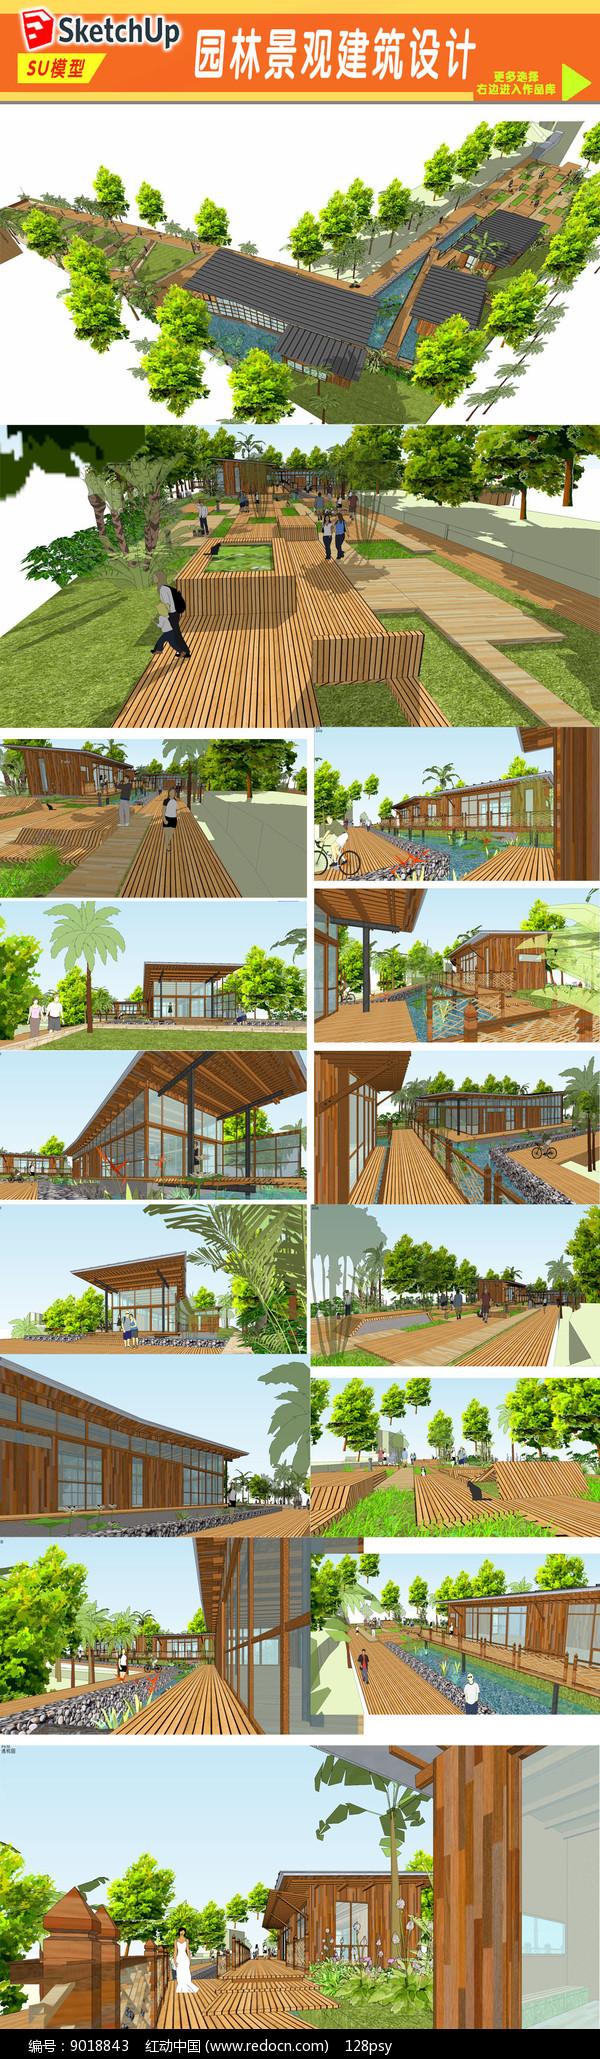 园林景观建筑设计图片